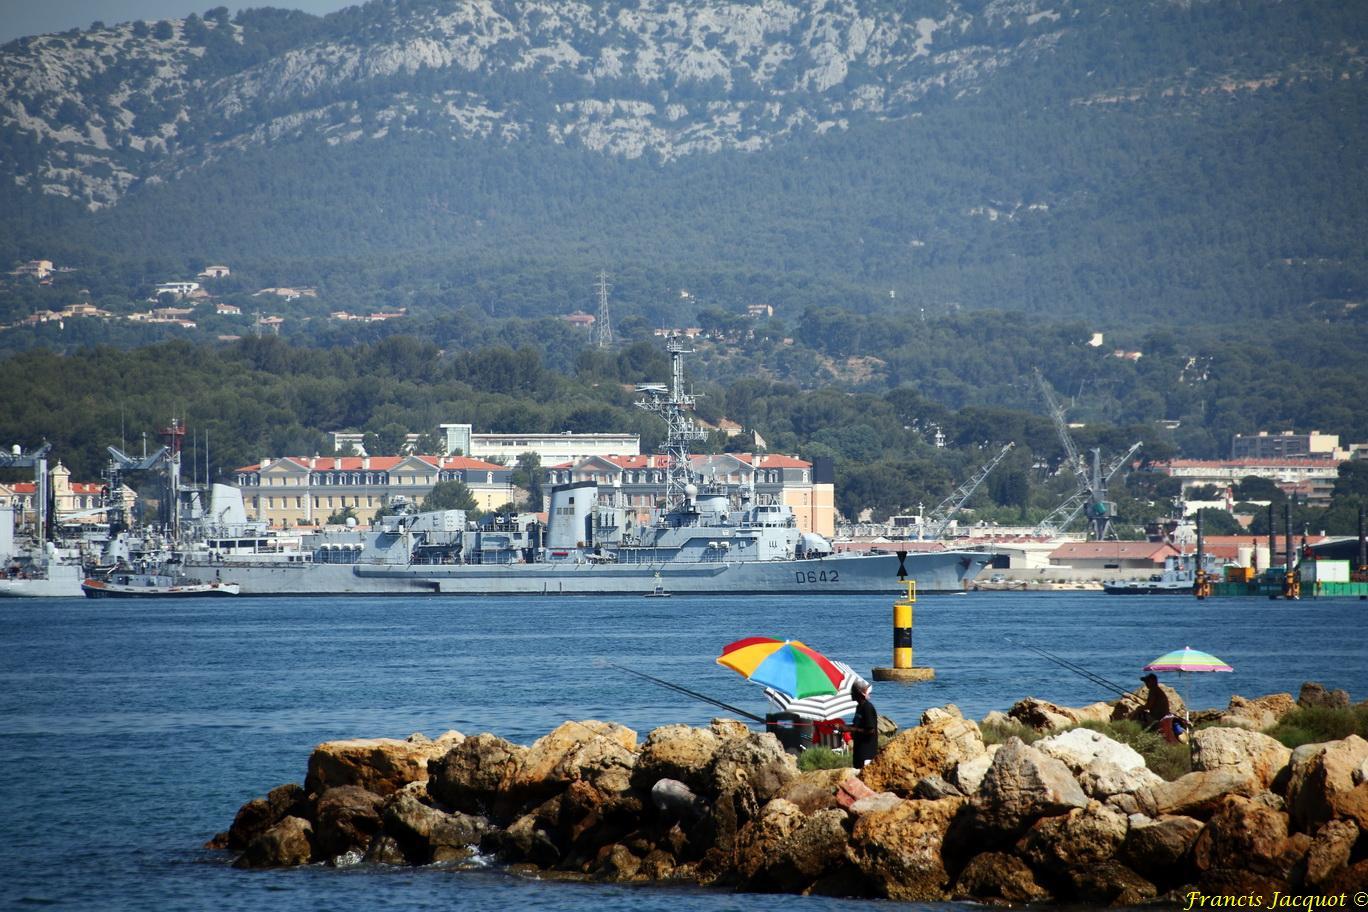 [LES PORTS MILITAIRES DE MÉTROPOLE] Mouvements de Bâtiments dans la rade de Toulon - Page 13 256064414